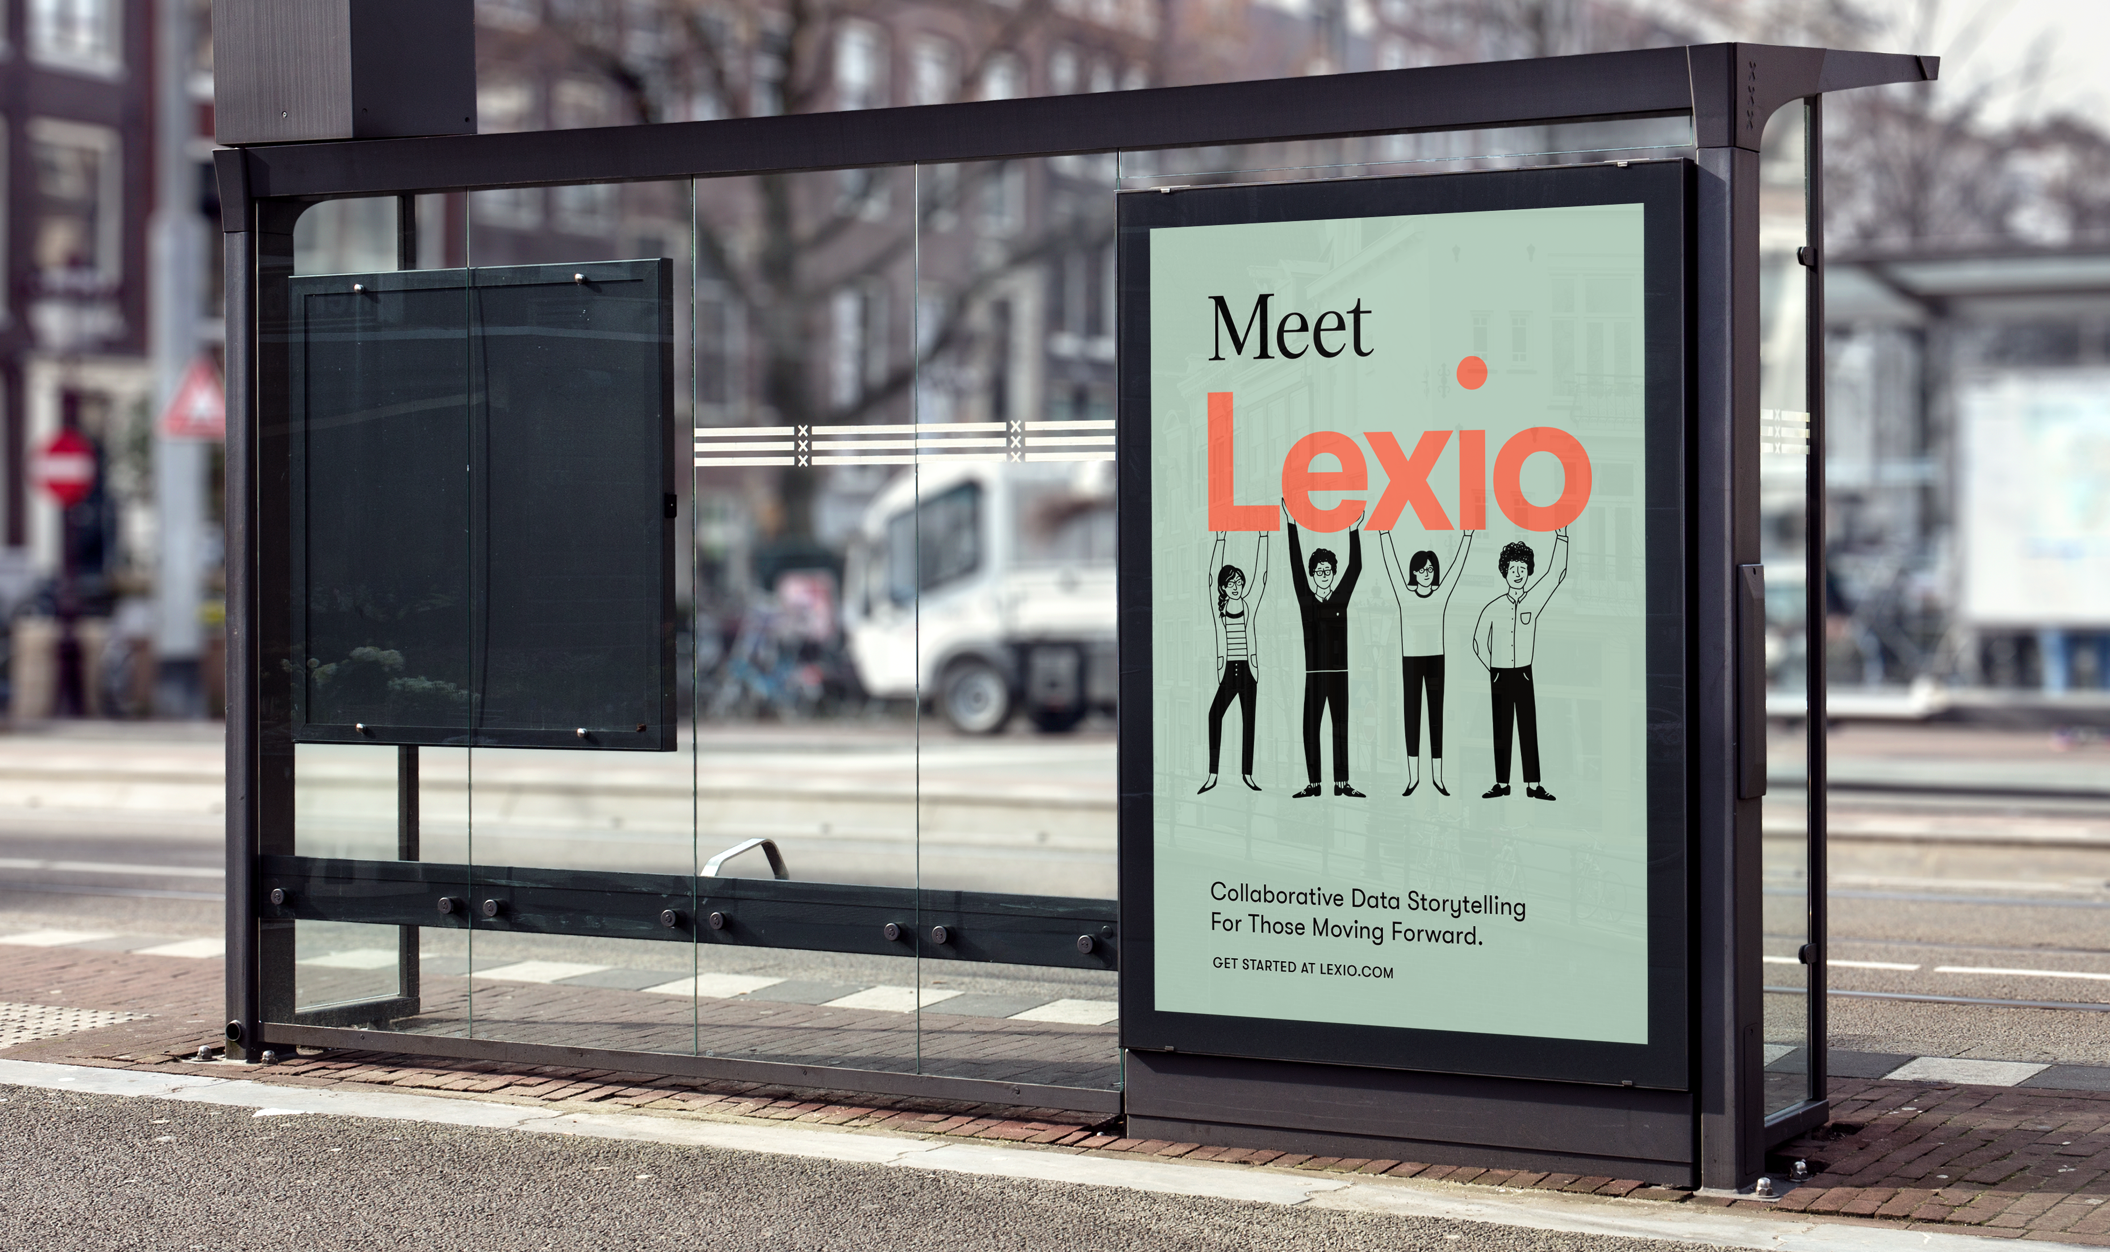 Lexio8